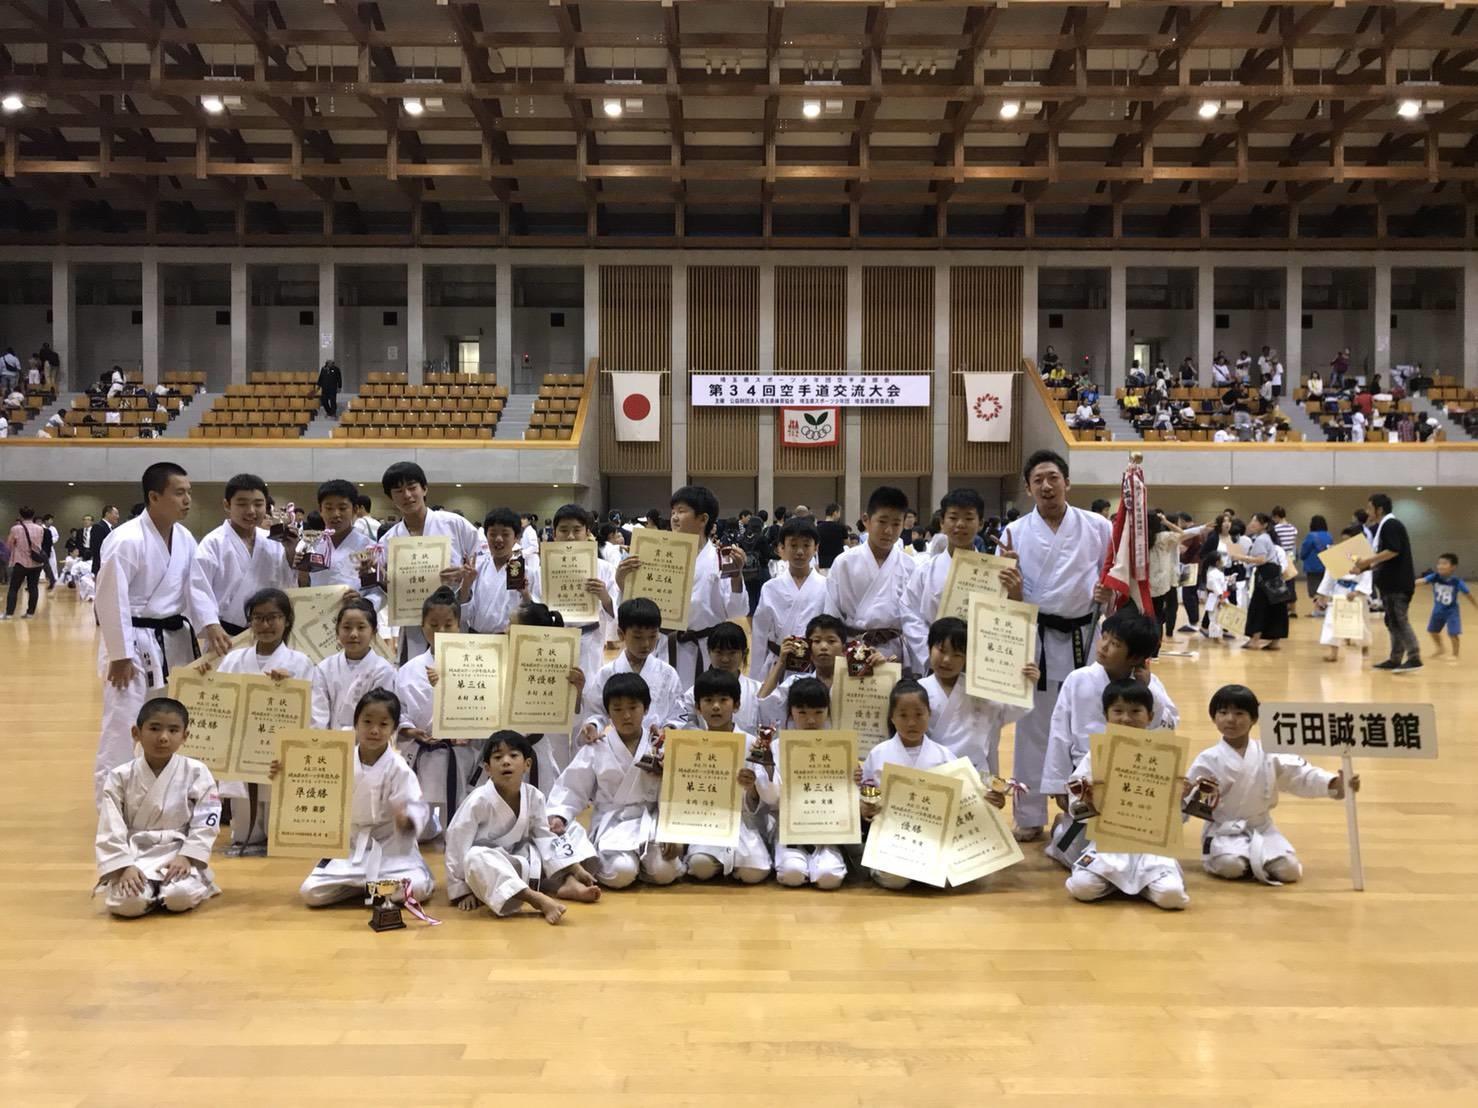 第34回 埼玉県スポーツ少年団空手道交流大会(県民総合体育大会)